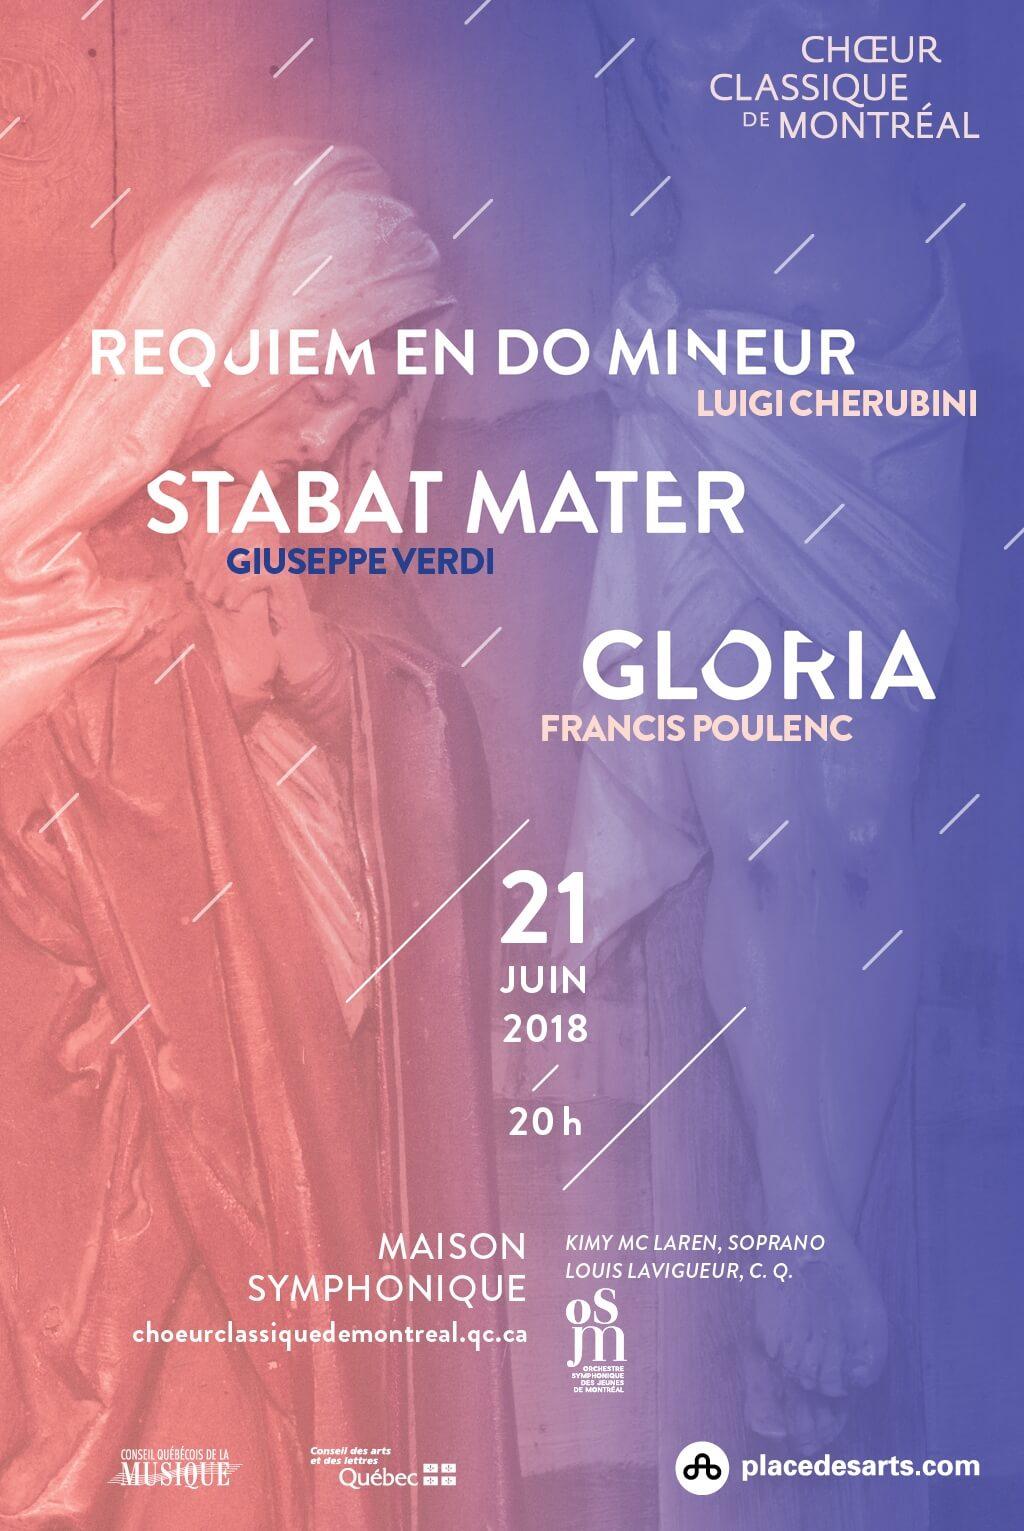 Choeur Classique Affiche Concert Juin 2018